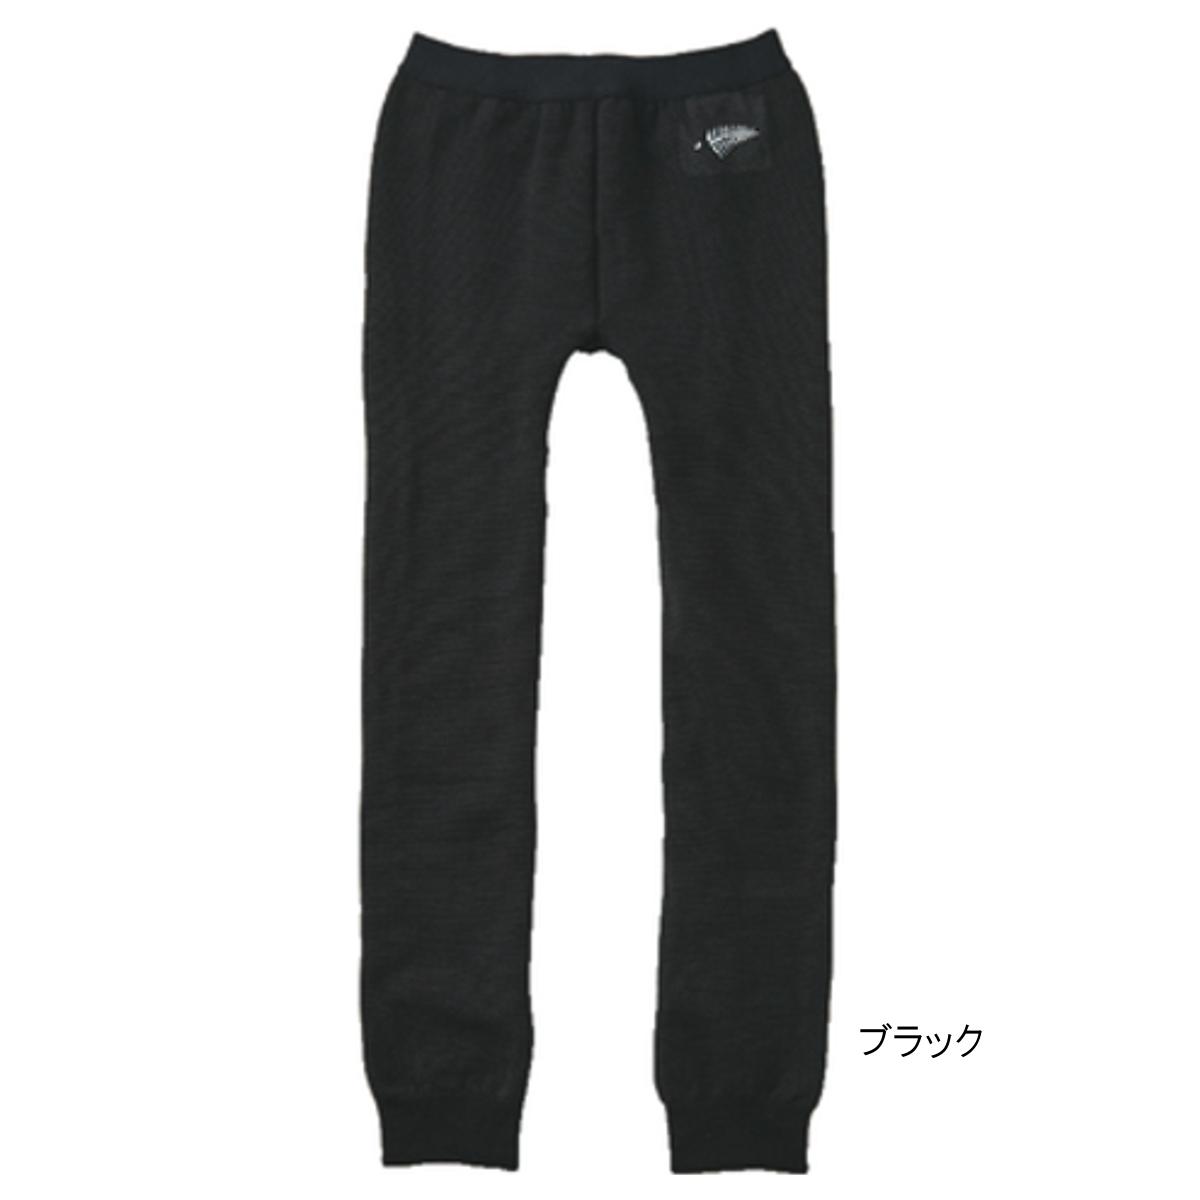 FREEKNOT アンダータイツ + Y5640 L 90.ブラック(東日本店)